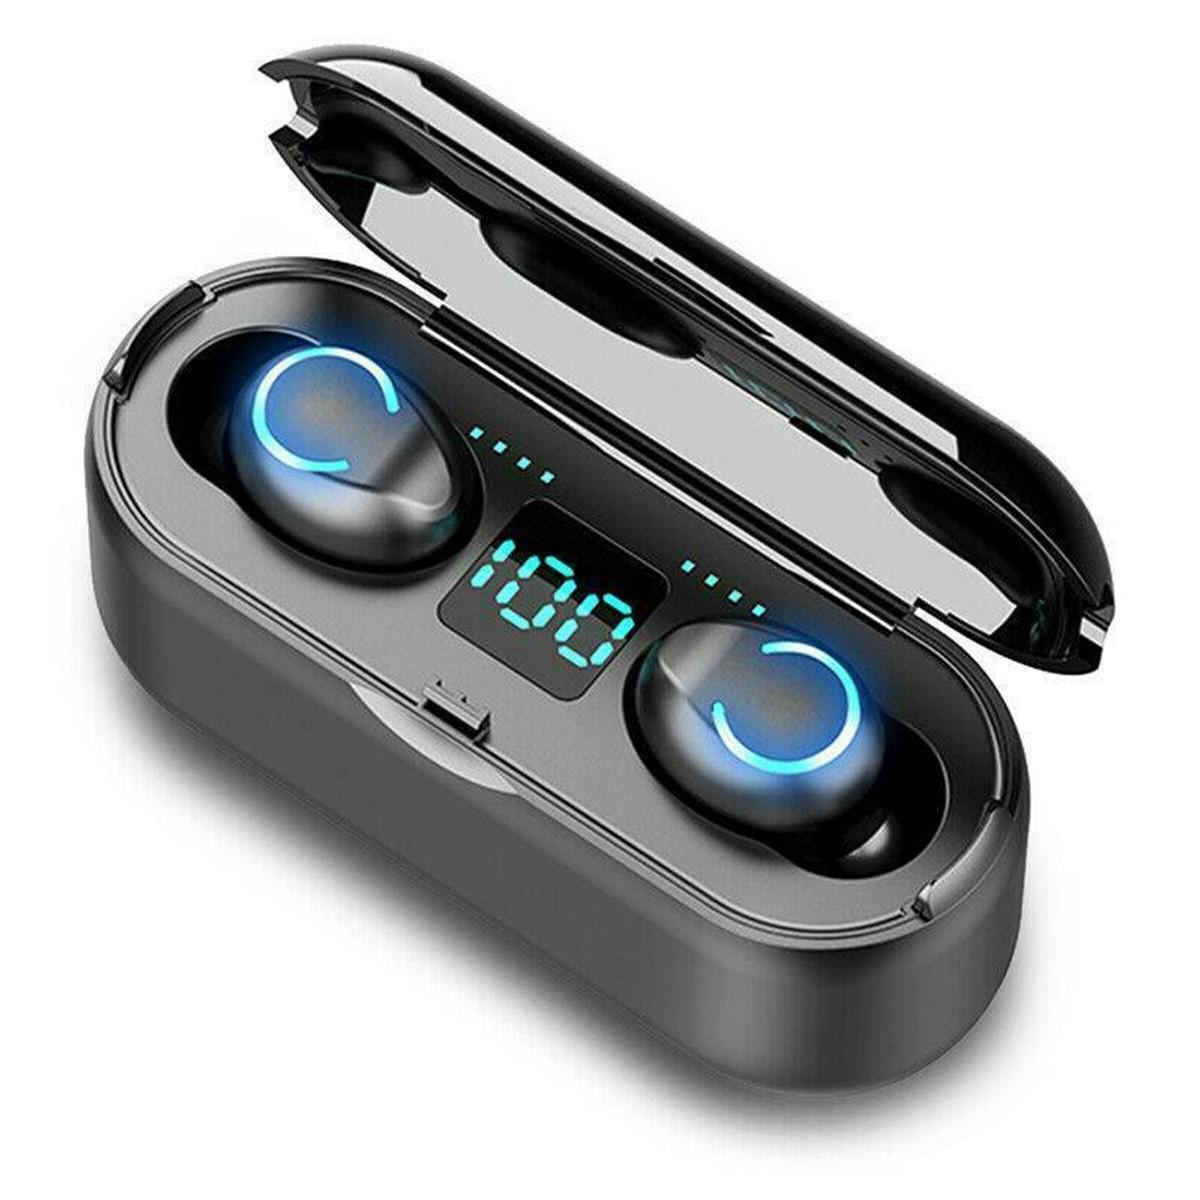 F9-8 TWS Tai nghe không dây bluetooth 5.0 Tai nghe HiFi Stereo 3500mAh Power Bank IPX7 Tai nghe chống nước có Mic cho iPhone Xiaomi